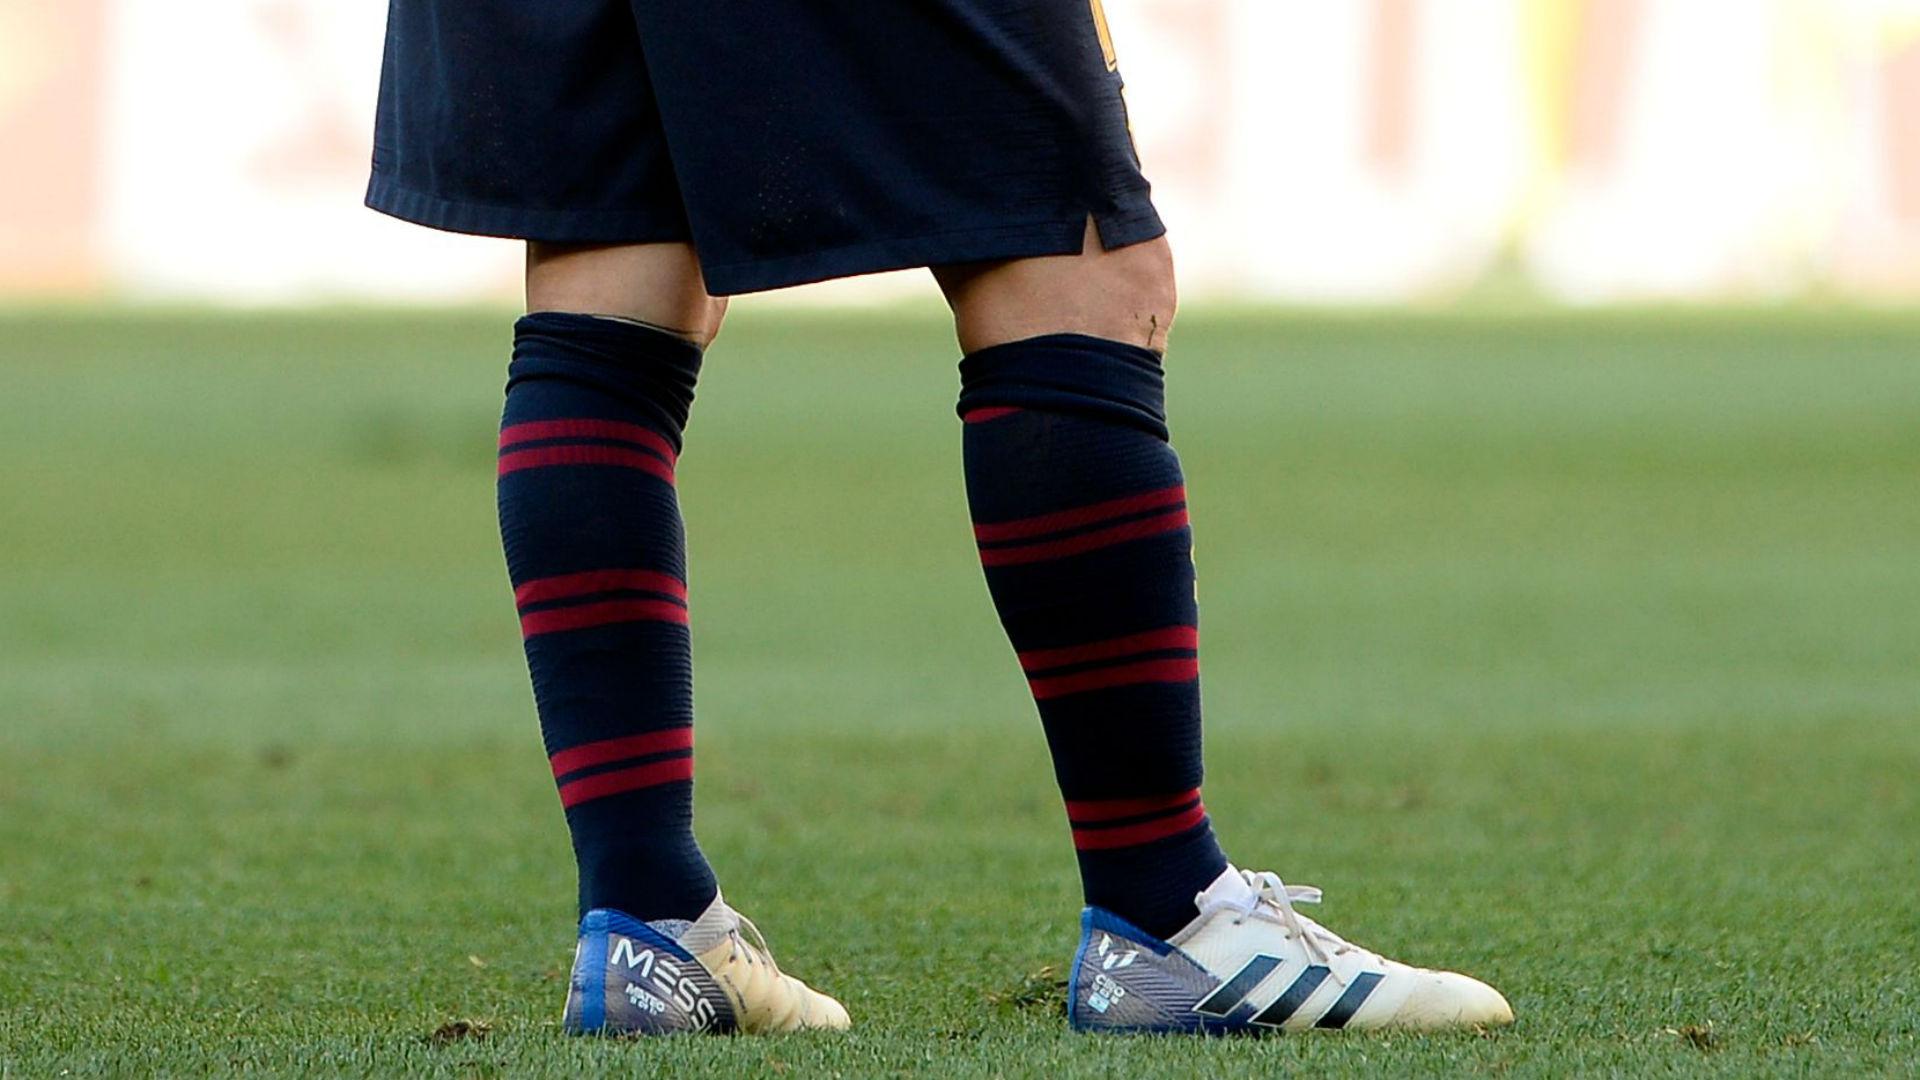 Lionel Messi and Cristiano Ronaldo wear